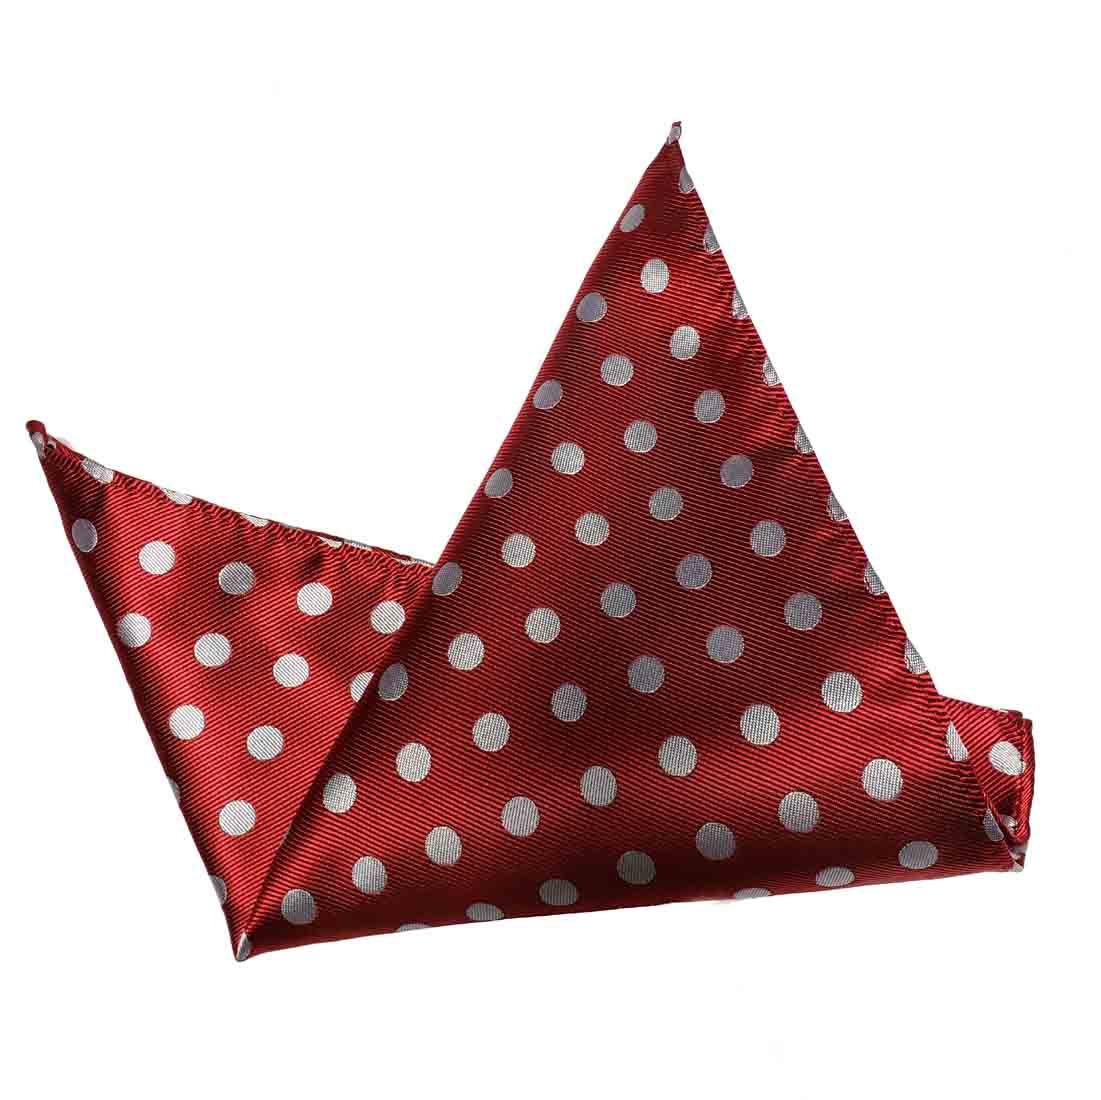 ekSel Pocket Square Red Gray Polka Dot Men's